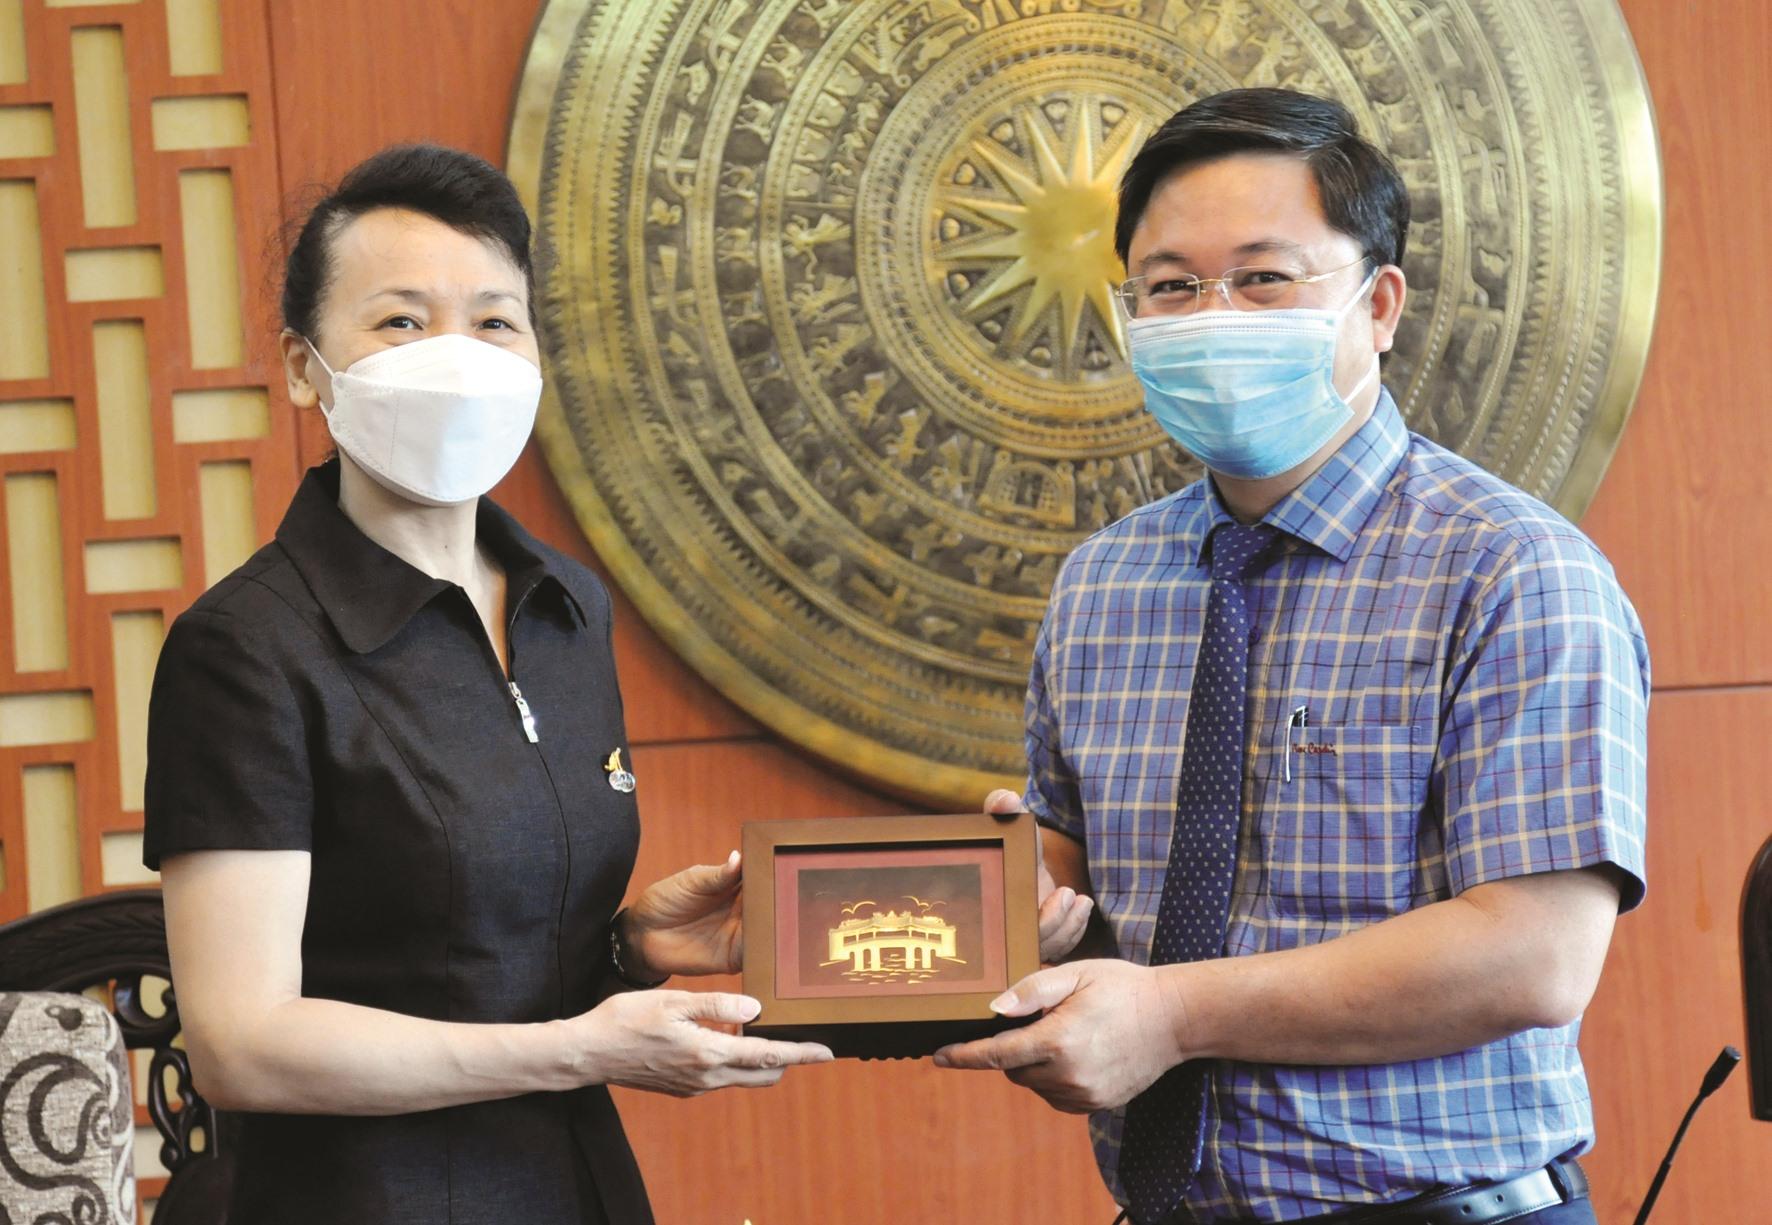 Chủ tịch UBND tỉnh Lê Trí Thanh tặng quà lưu niệm cho bà Đổng Bích Du - tân Tổng Lãnh sự Trung Quốc tại TP.Đà Nẵng. Ảnh: N.Đ